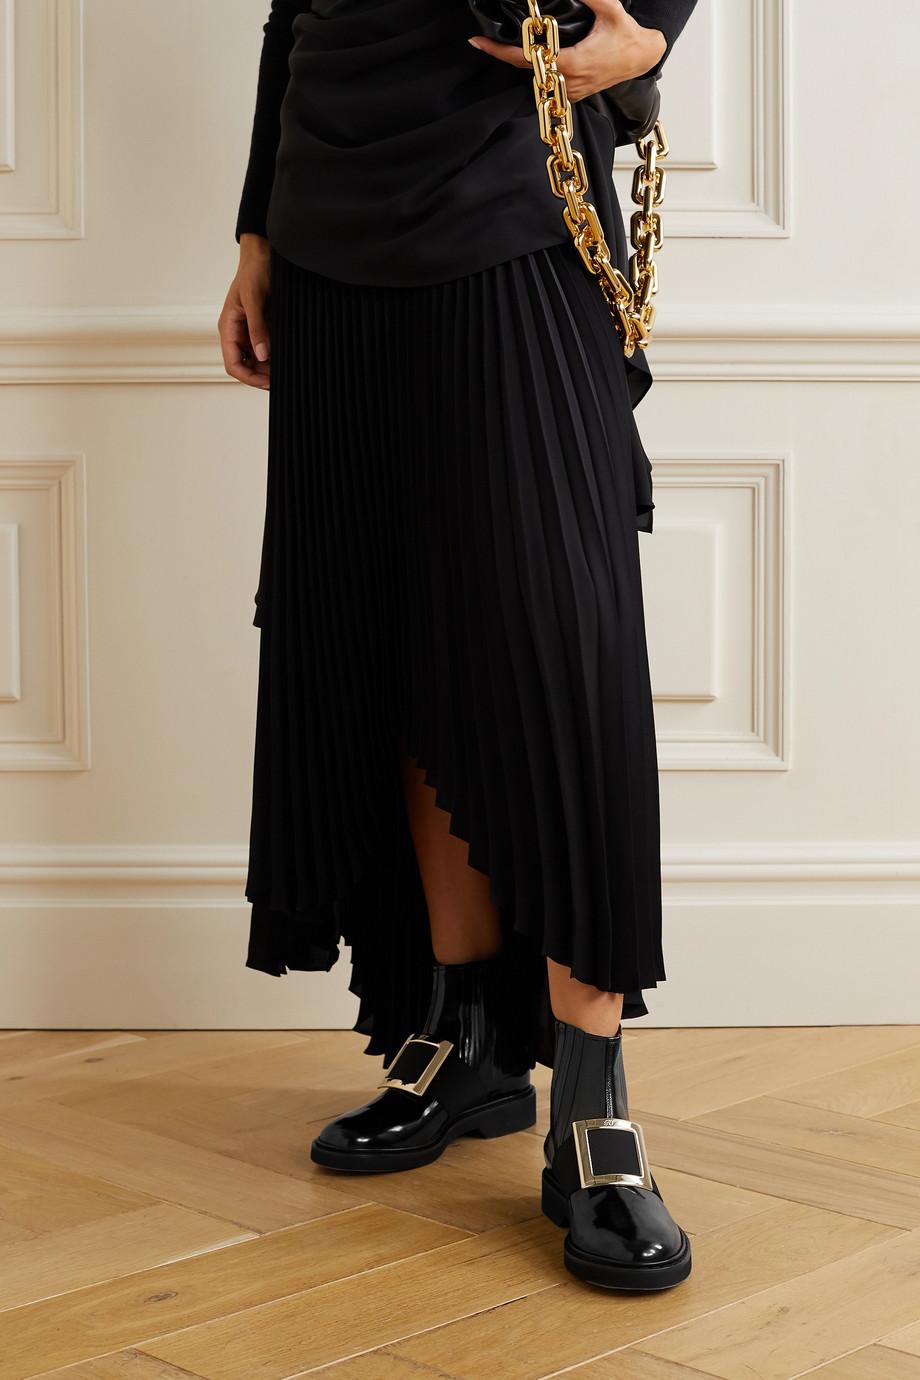 Roger Vivier Viv Ranger embellished patent-leather Chelsea boots